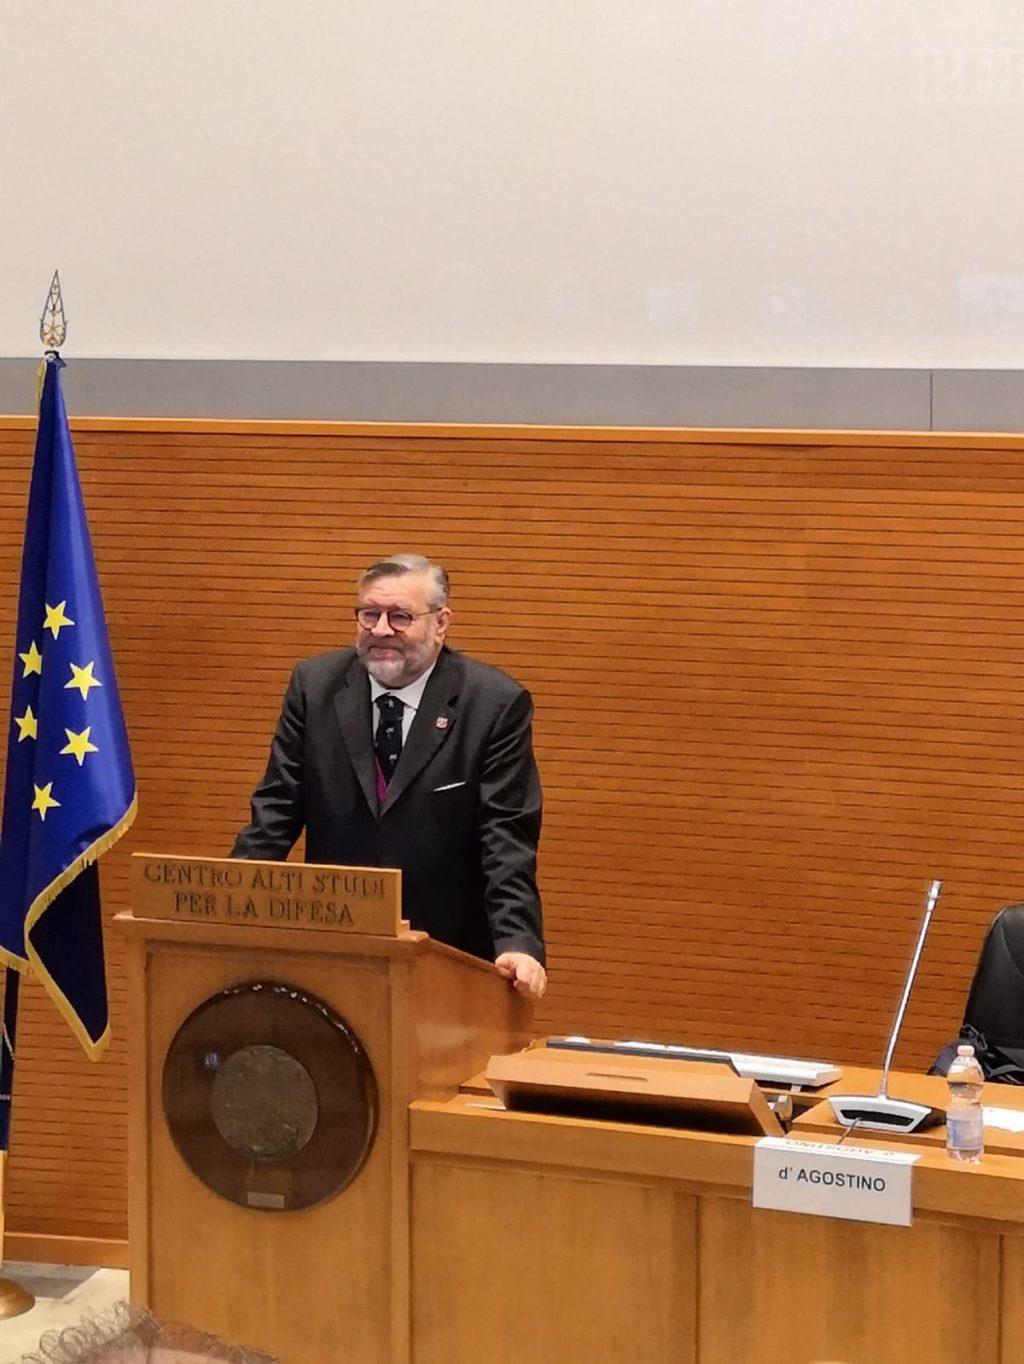 Relazioni euro-atlantiche, futuro Nato/Ue, ruolo dell'Italia, valori, priorità, prospettive occidentali